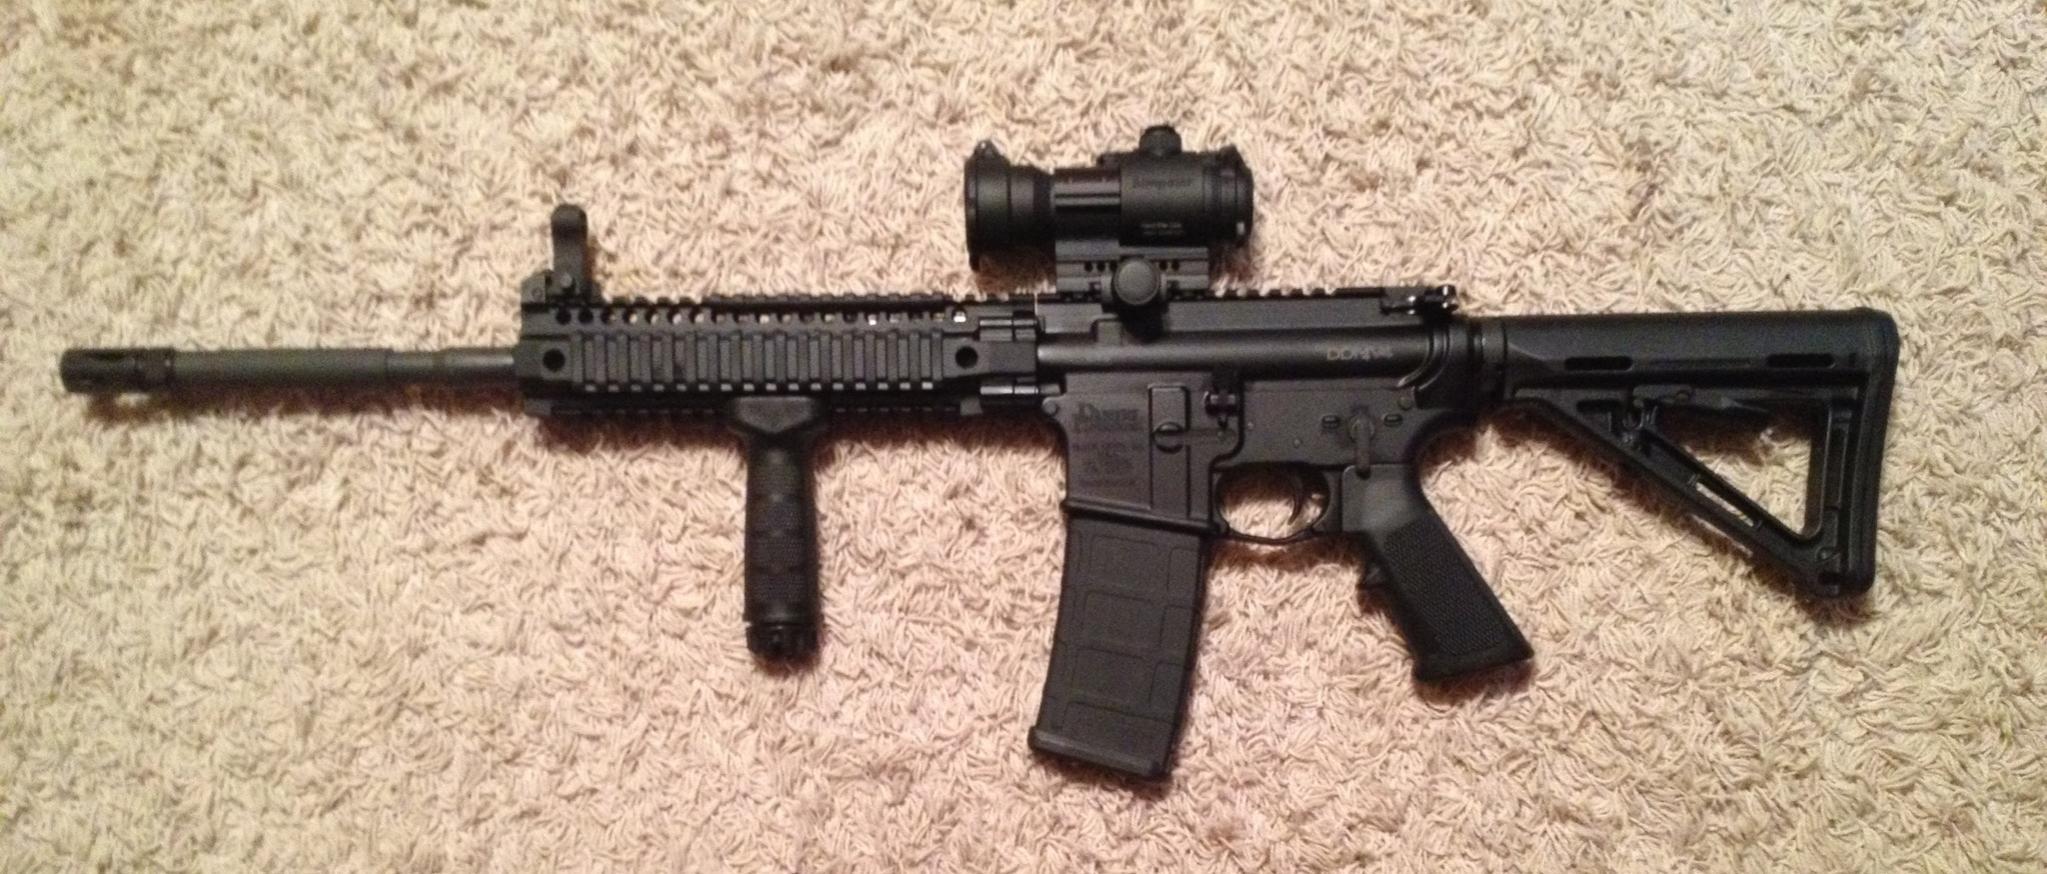 My new toy: Daniel Defense M4-ddm4.jpg